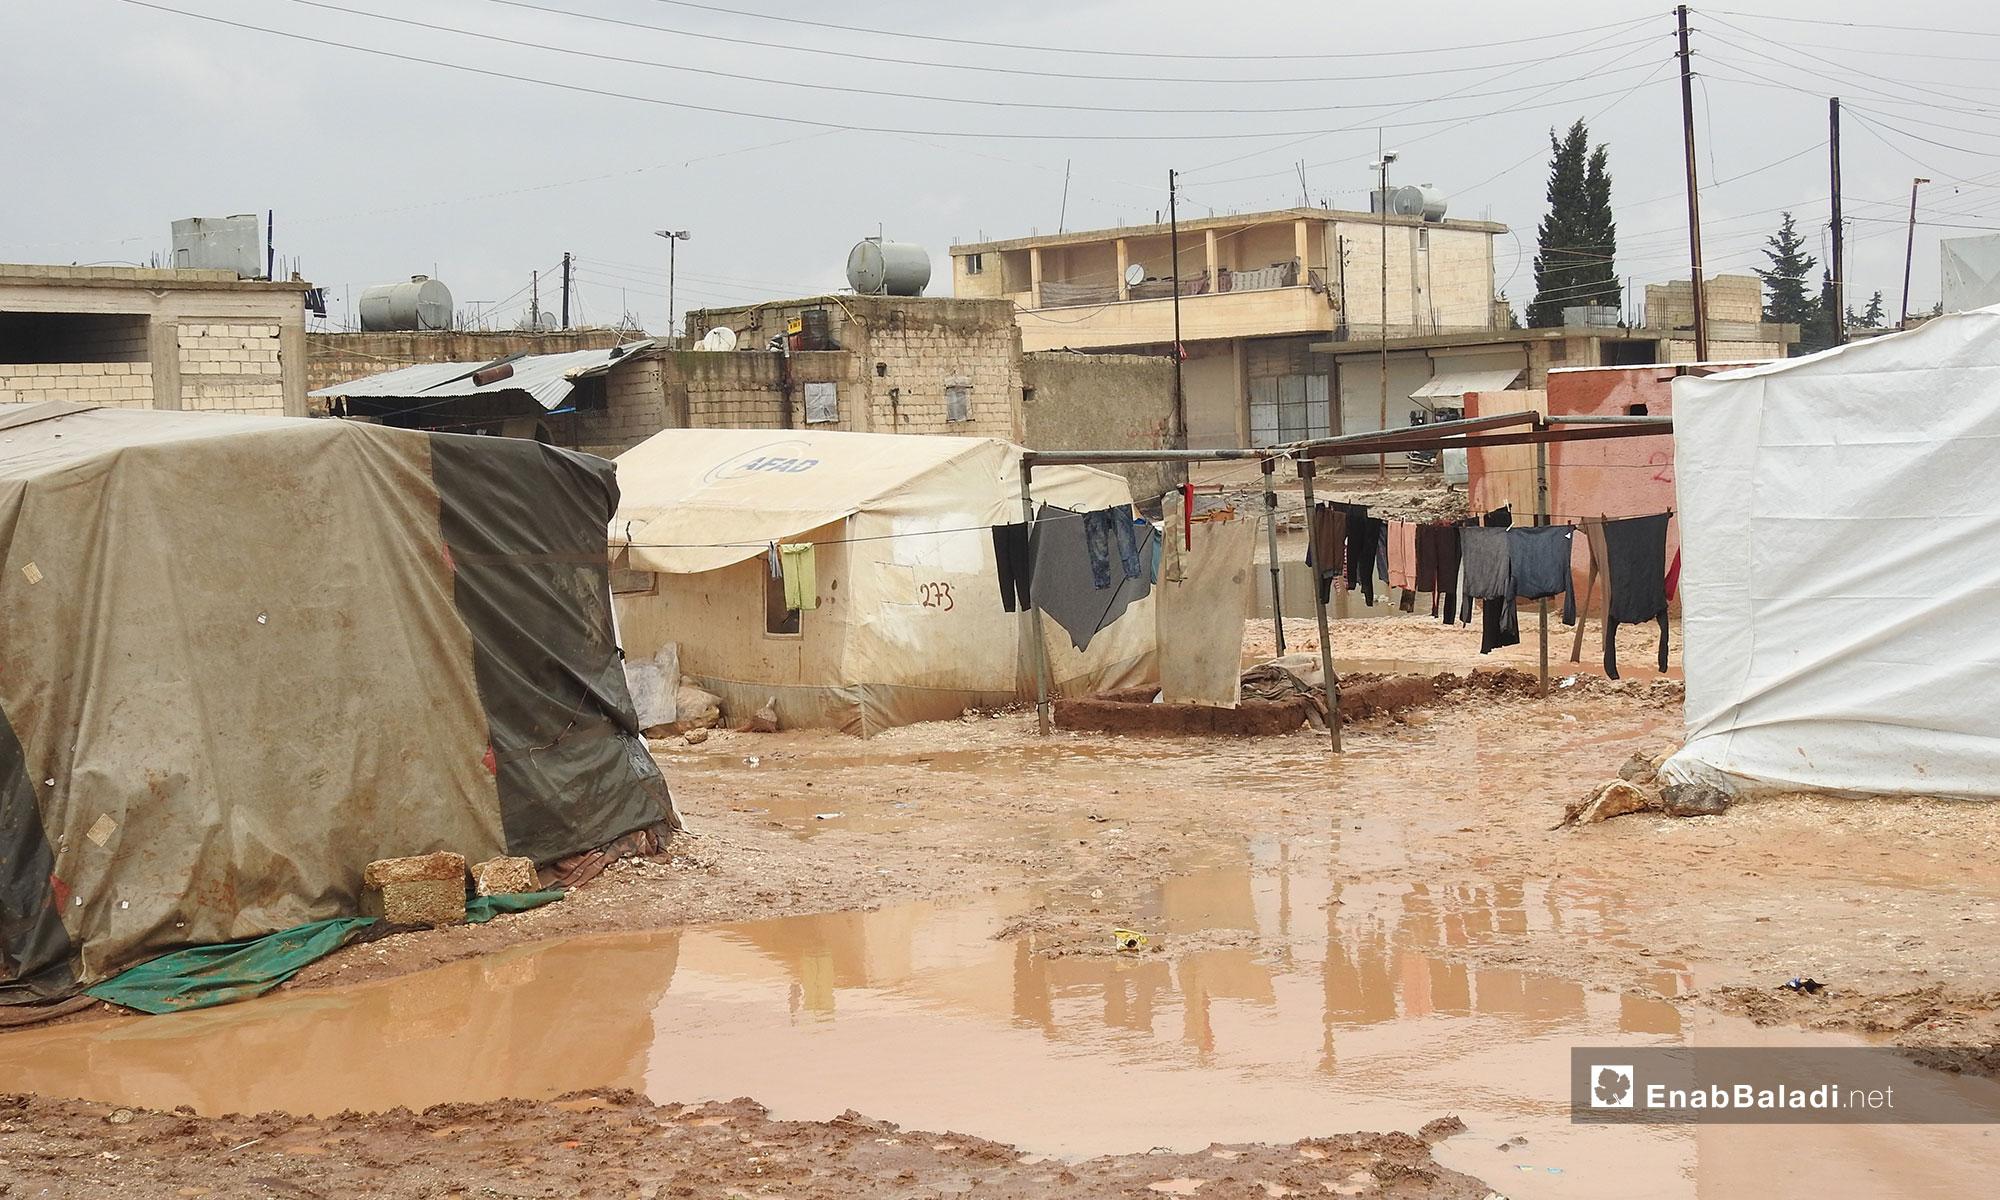 عاصفة مطرية تغرق الخيم في مخيم دابق بريف حلب الشمالي  - 27 من كانون الأول 2018 (عنب بلدي)